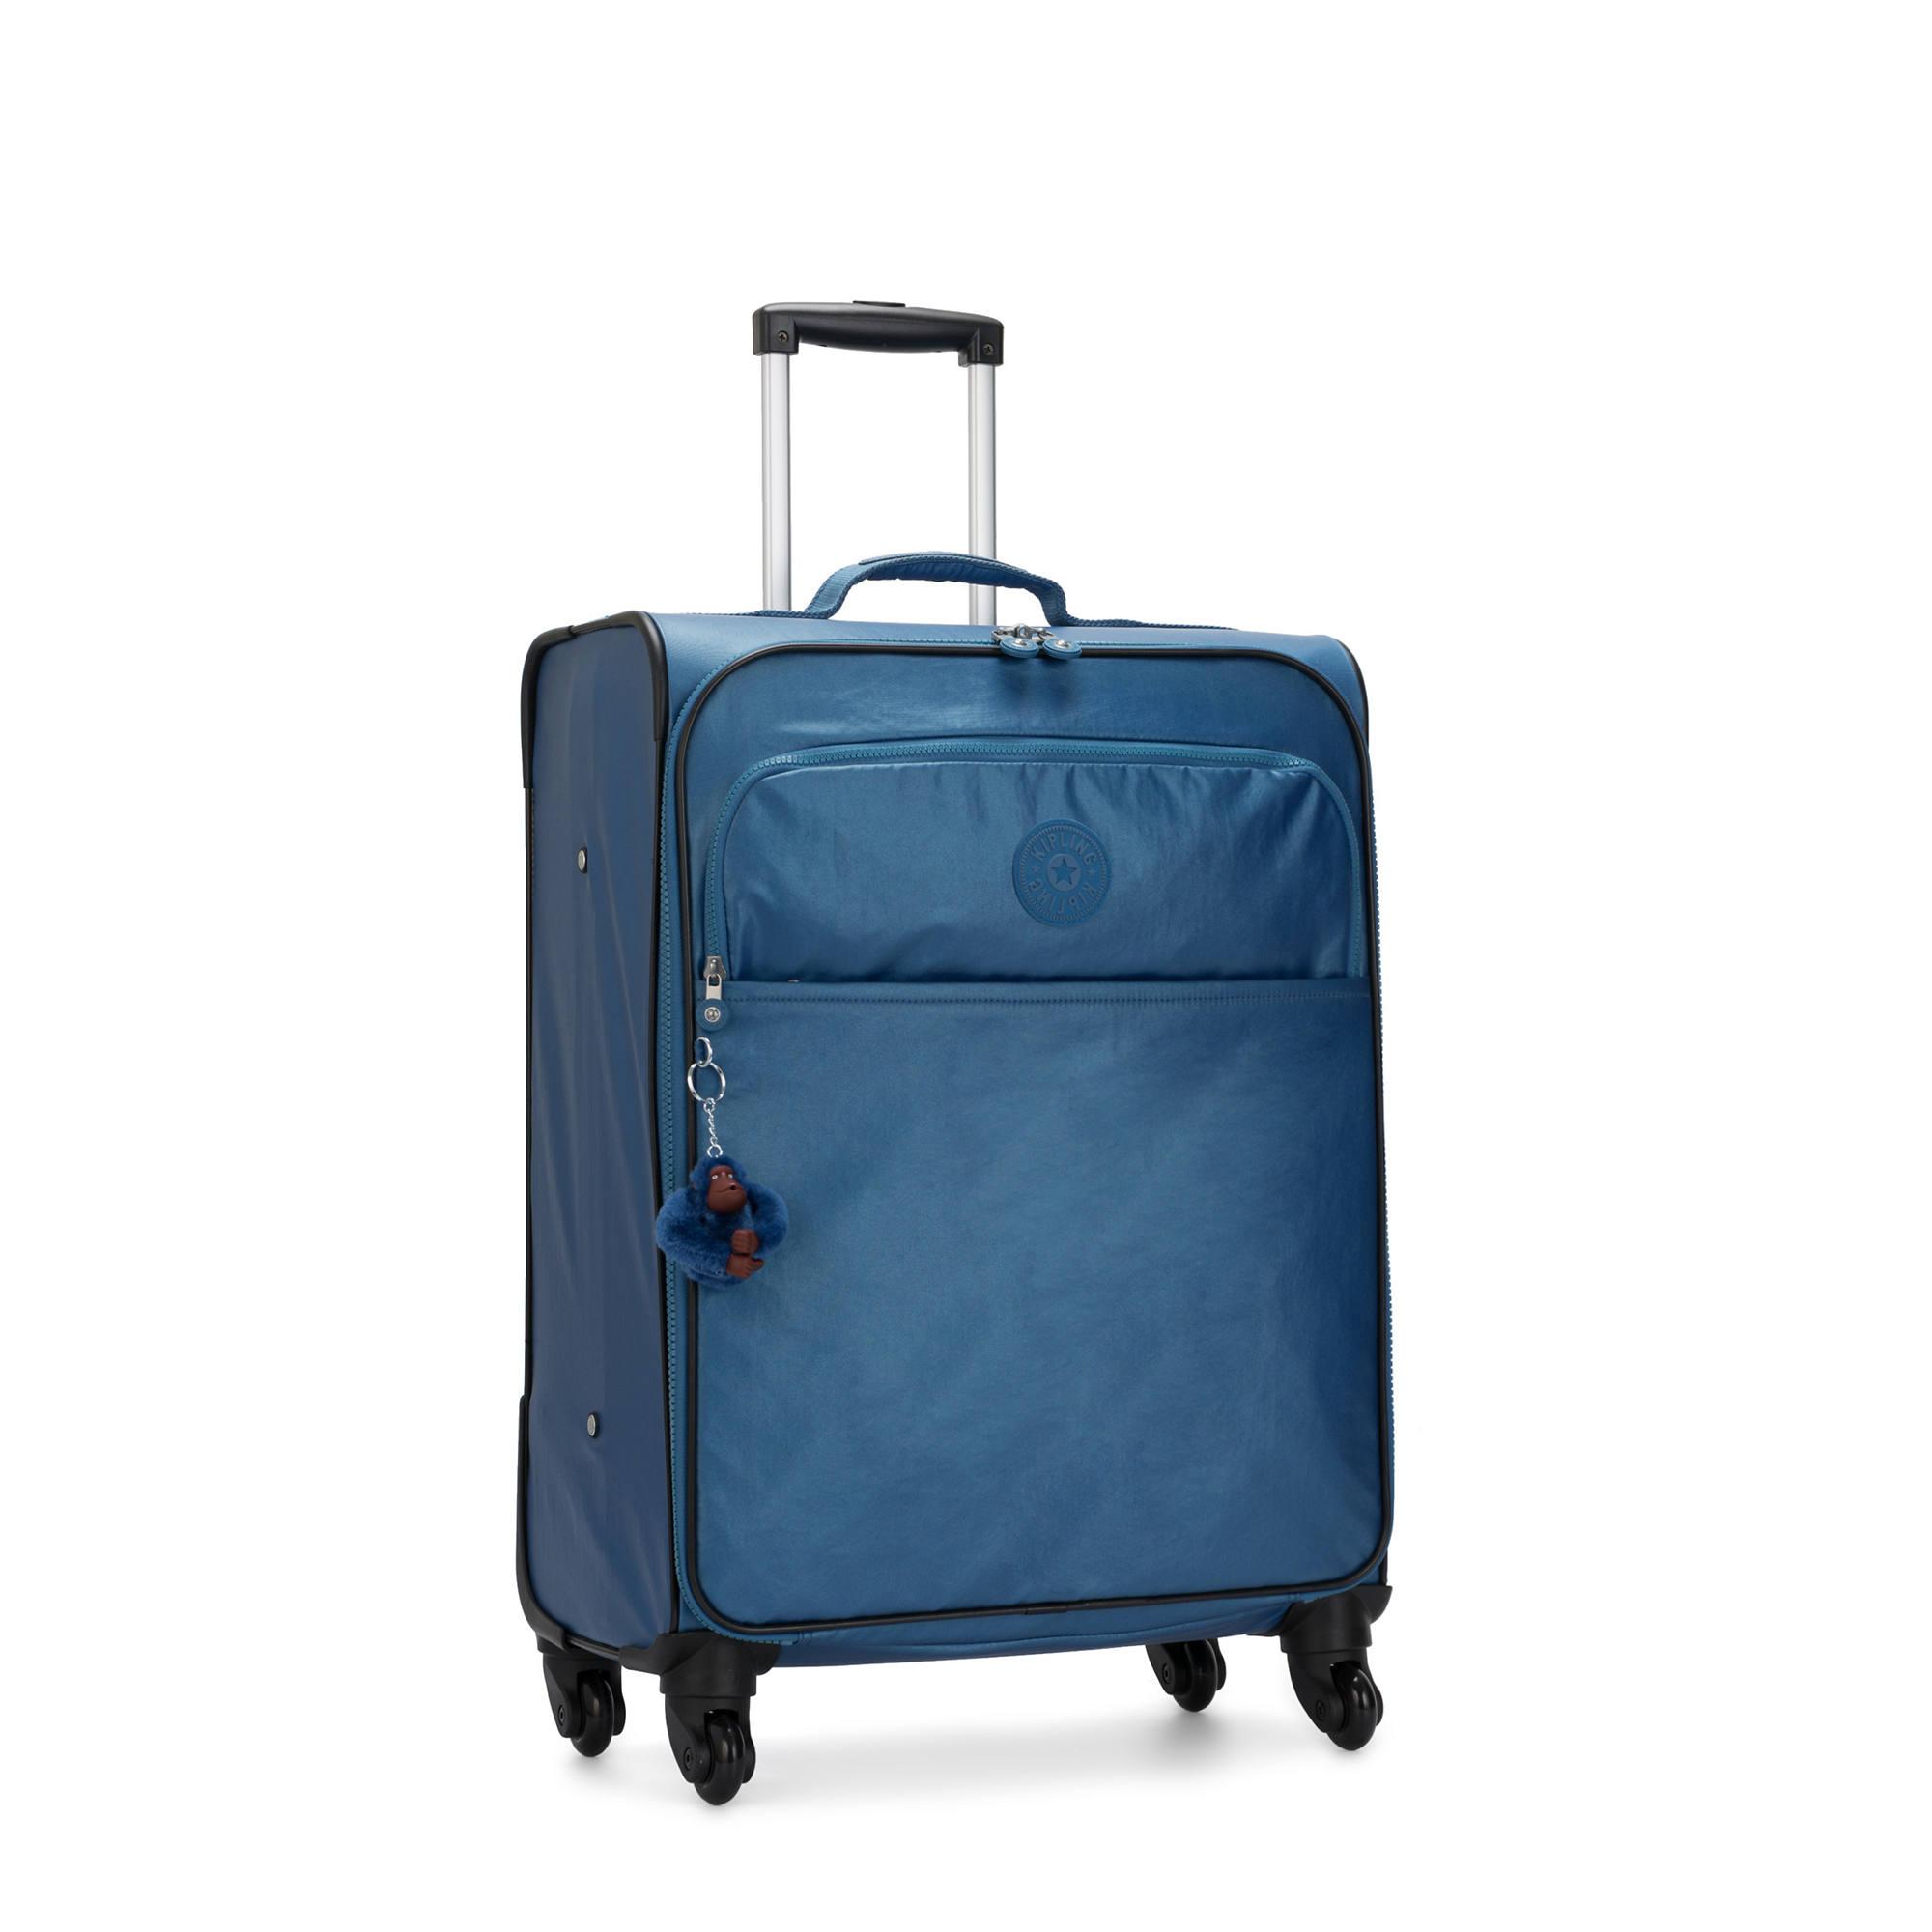 thumbnail 8 - Kipling Parker Medium Metallic Rolling Luggage